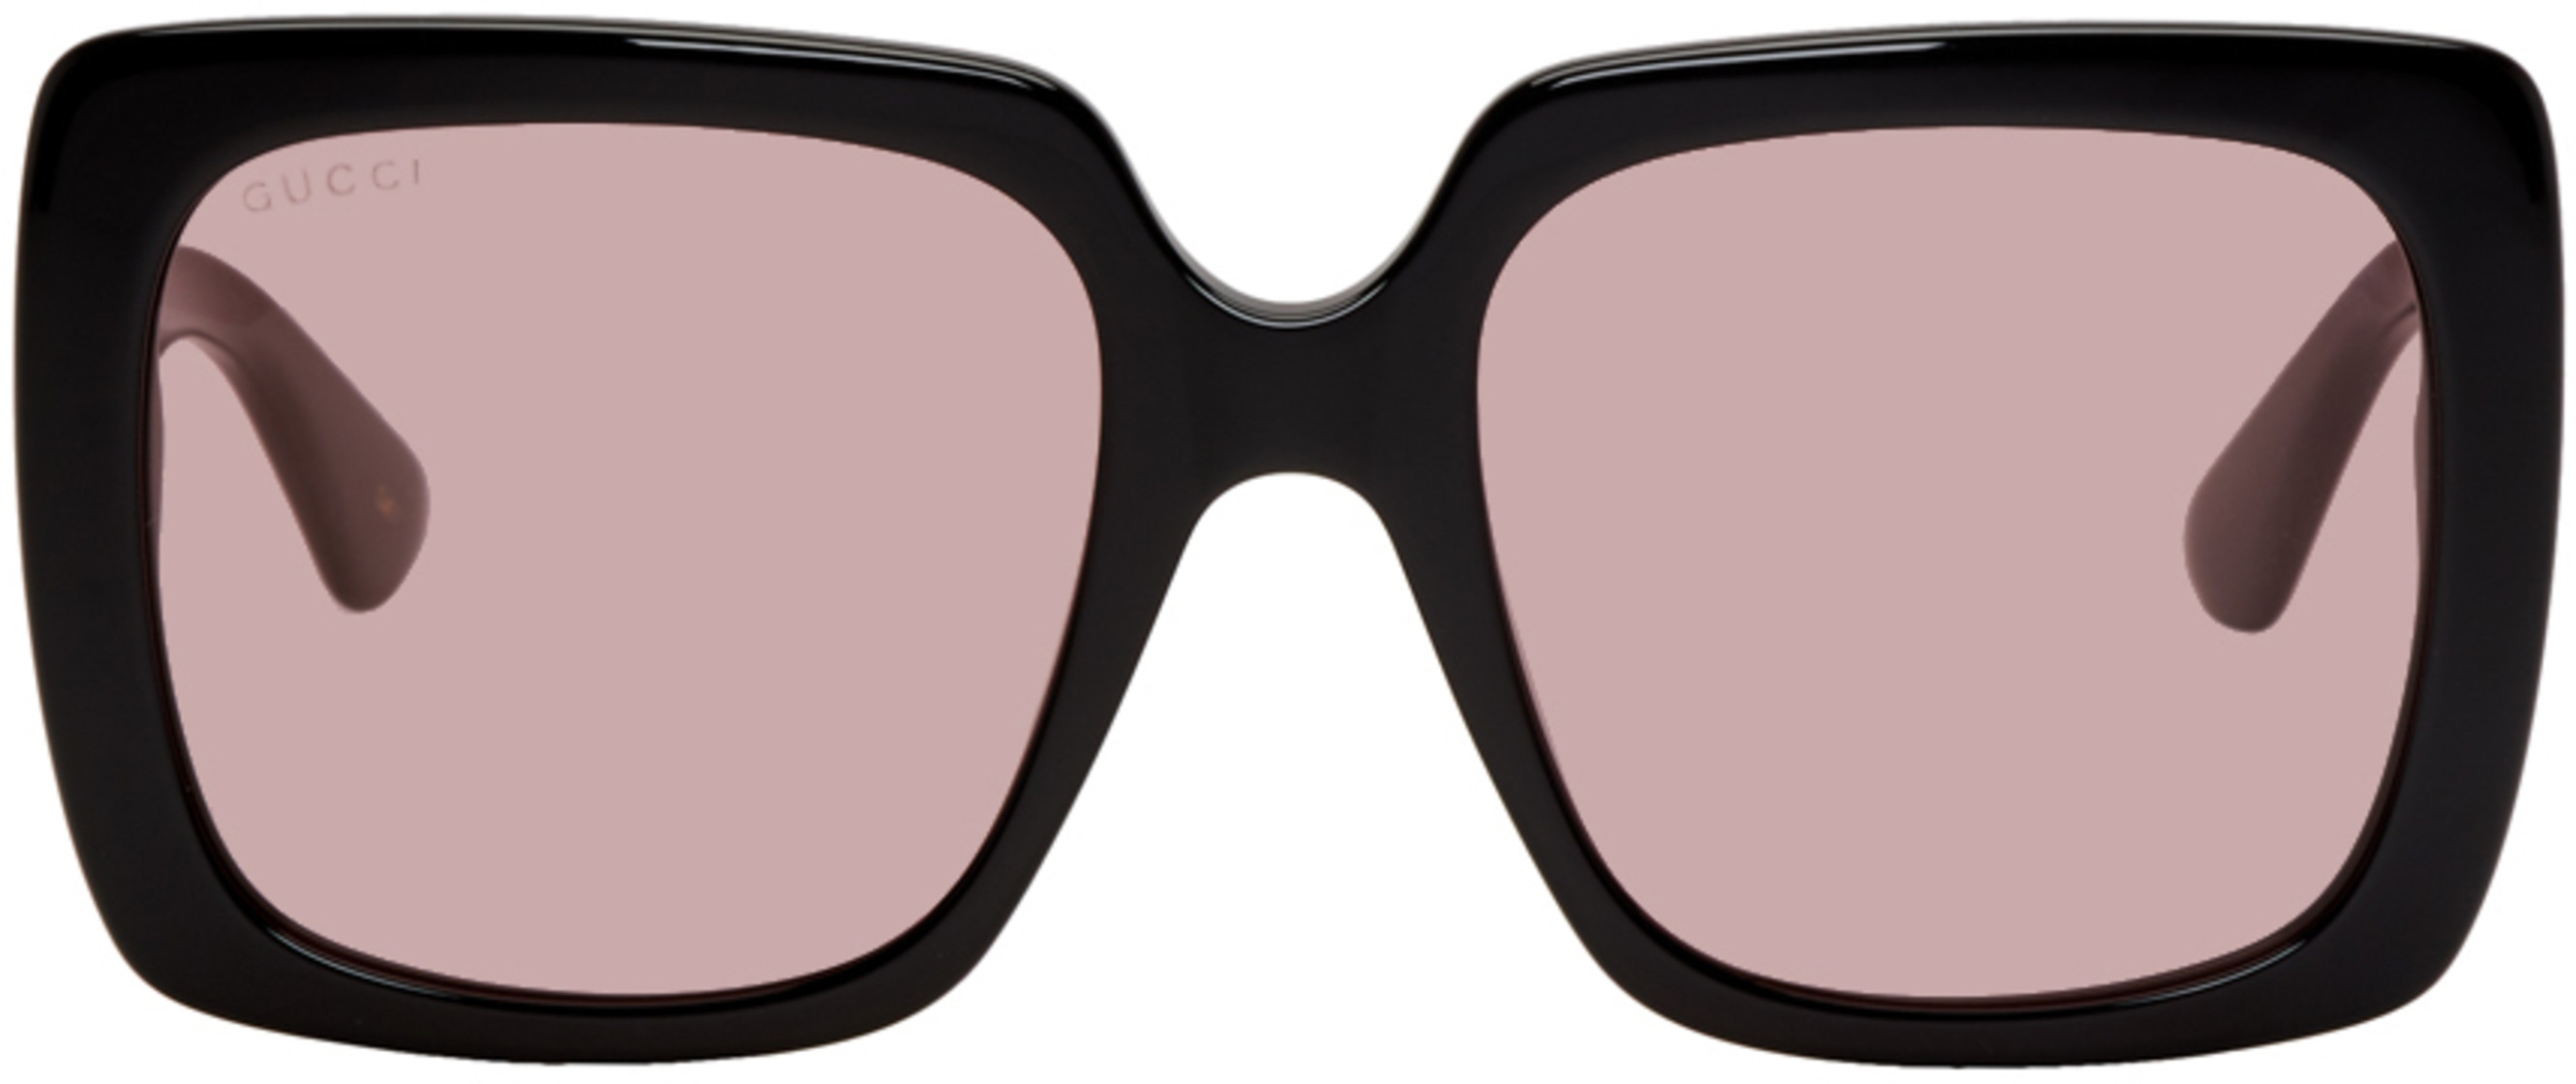 525784bf59 Gucci sunglasses for Men